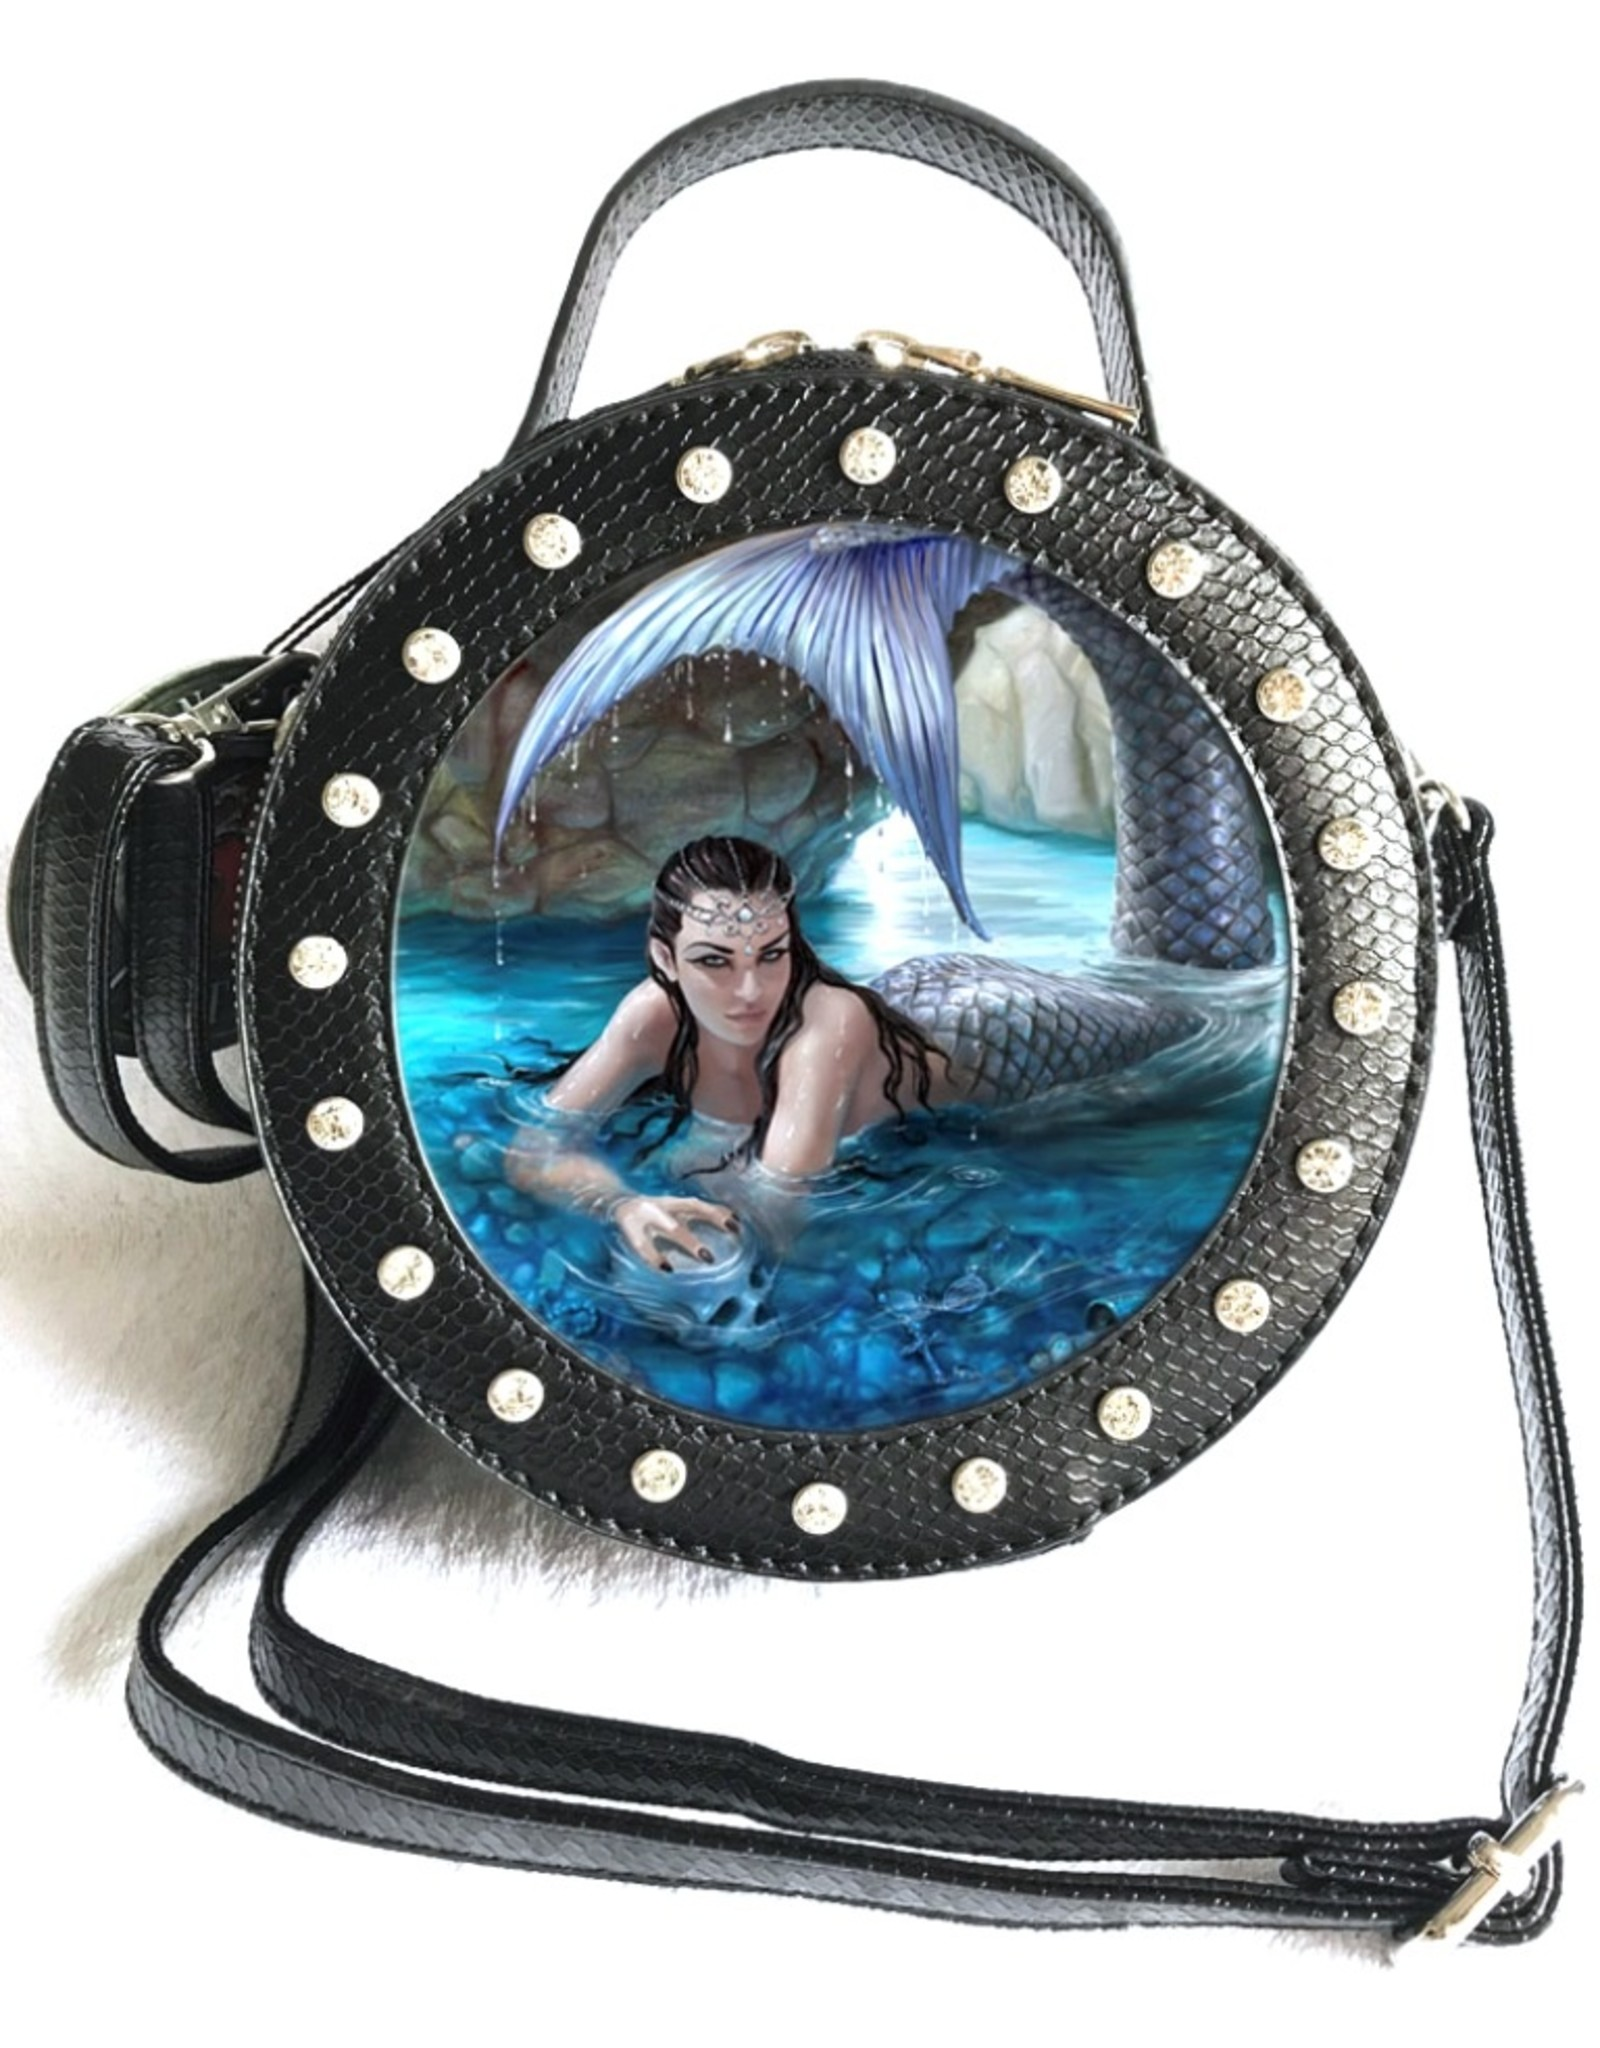 Anne Stokes Fantasy bags - Anne Stokes 3D lenticular Hidden Depths side bag